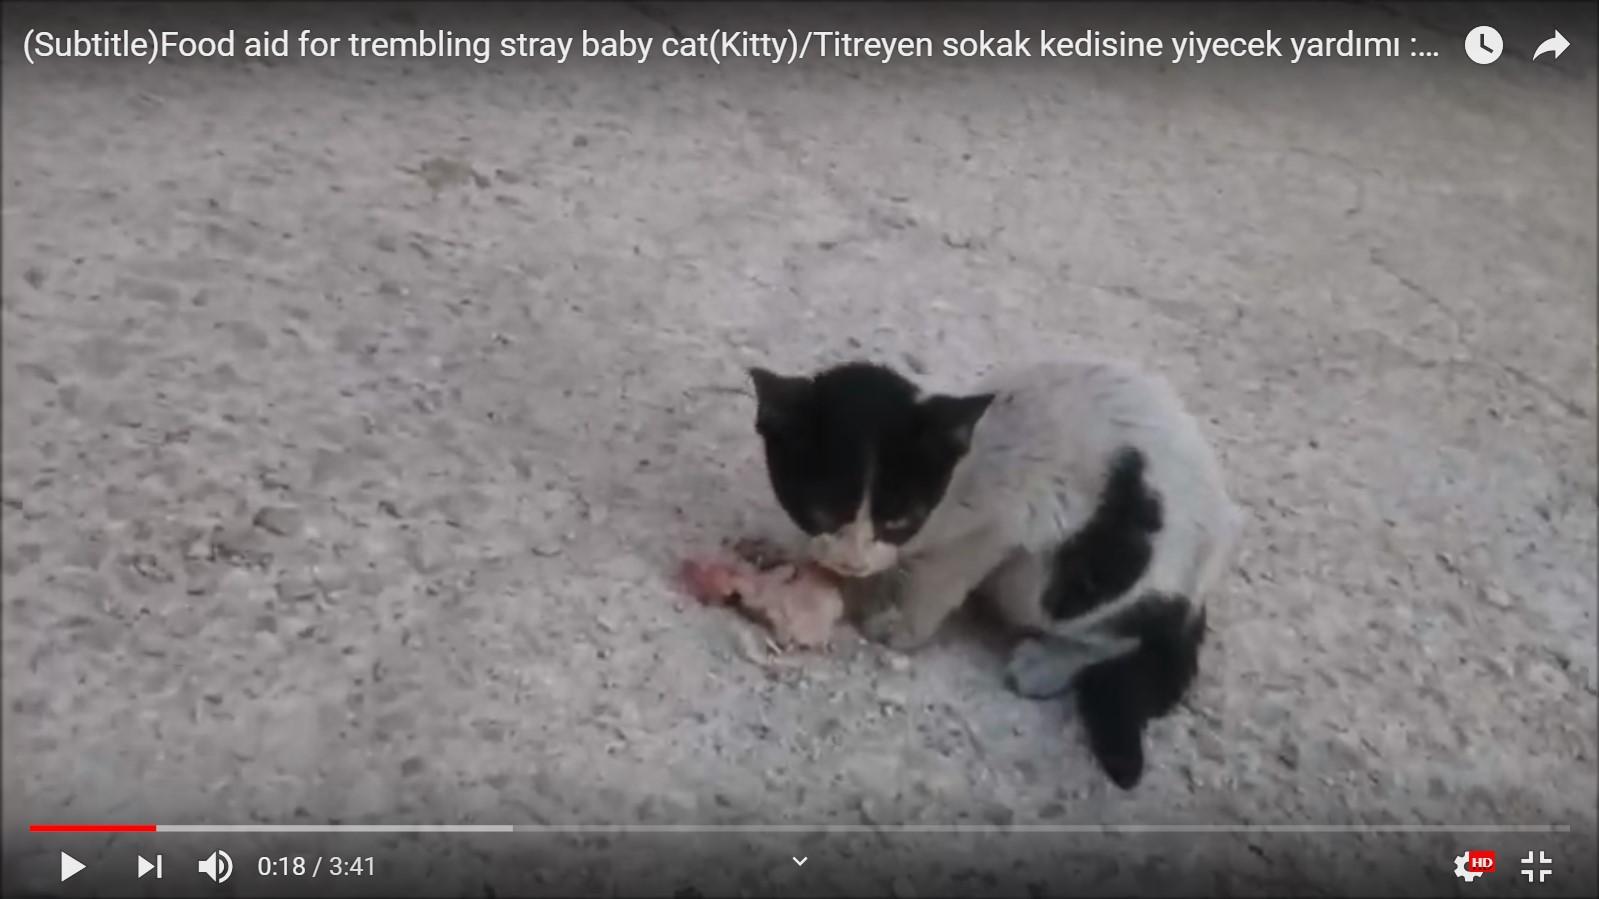 Zavallı titreyen yavru sokak kedisine yardım yemek vermek tavuk ciğeri kalbi daşlık Scree...jpg